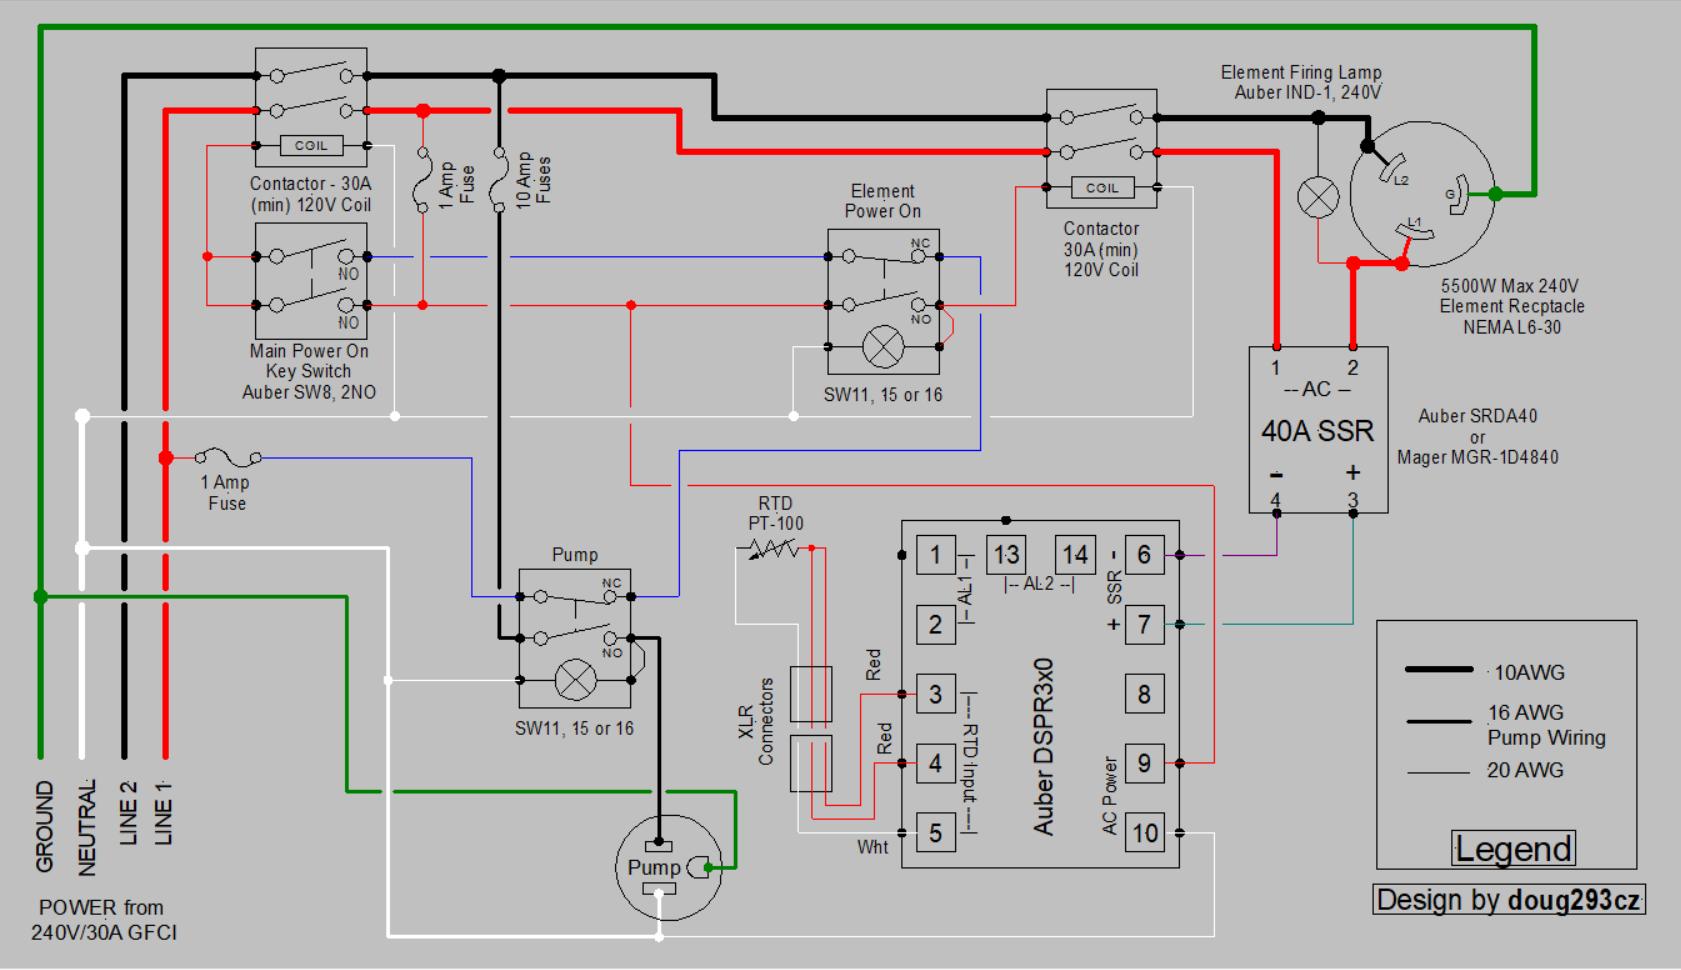 DSPR300 1-Pump 1-Element 240V rev-2.PNG